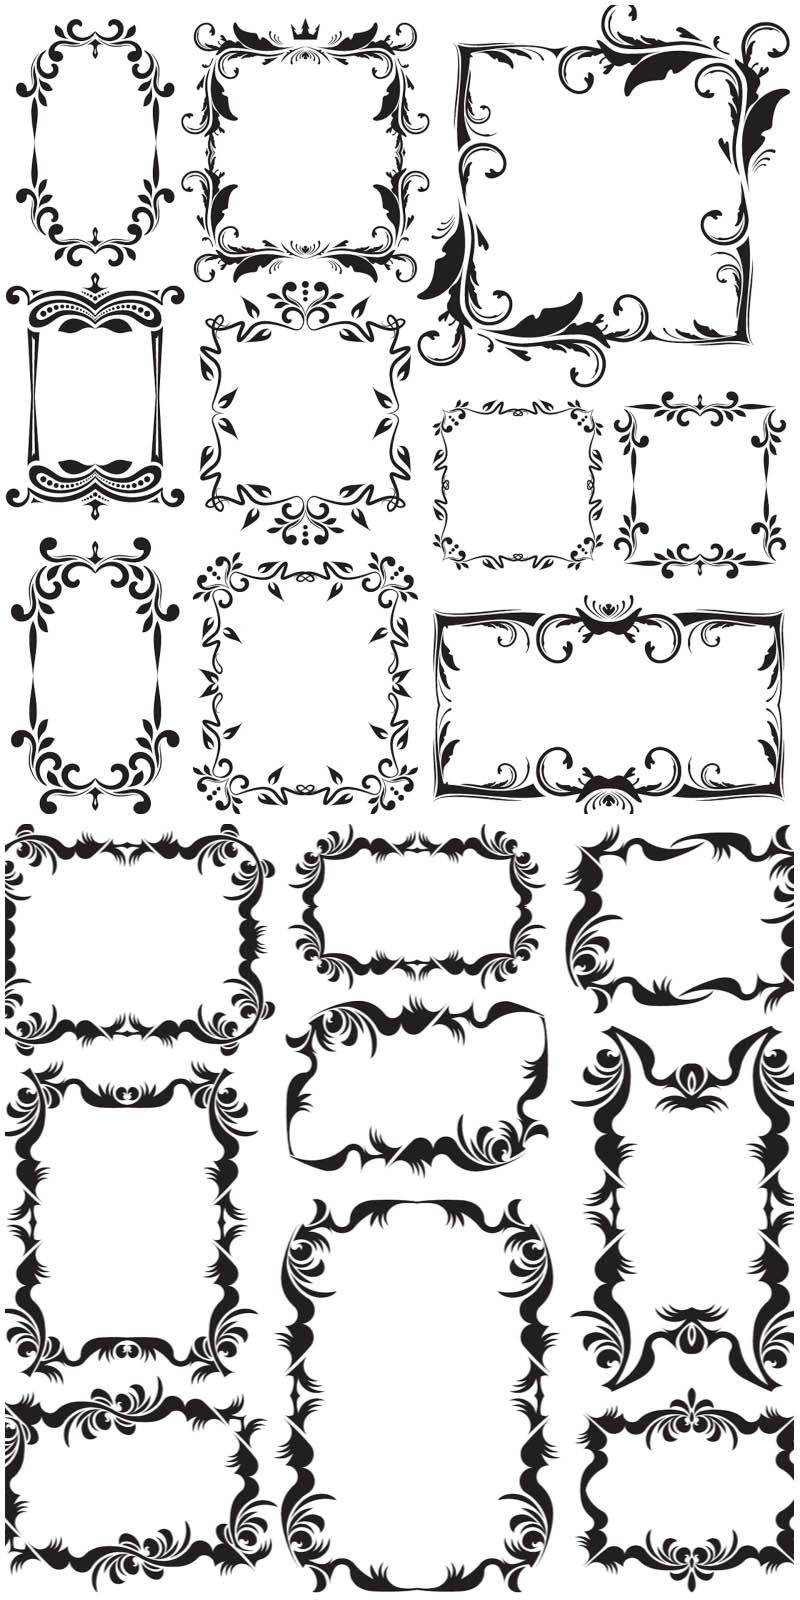 Vintage decorative frames vector. Great for the laser